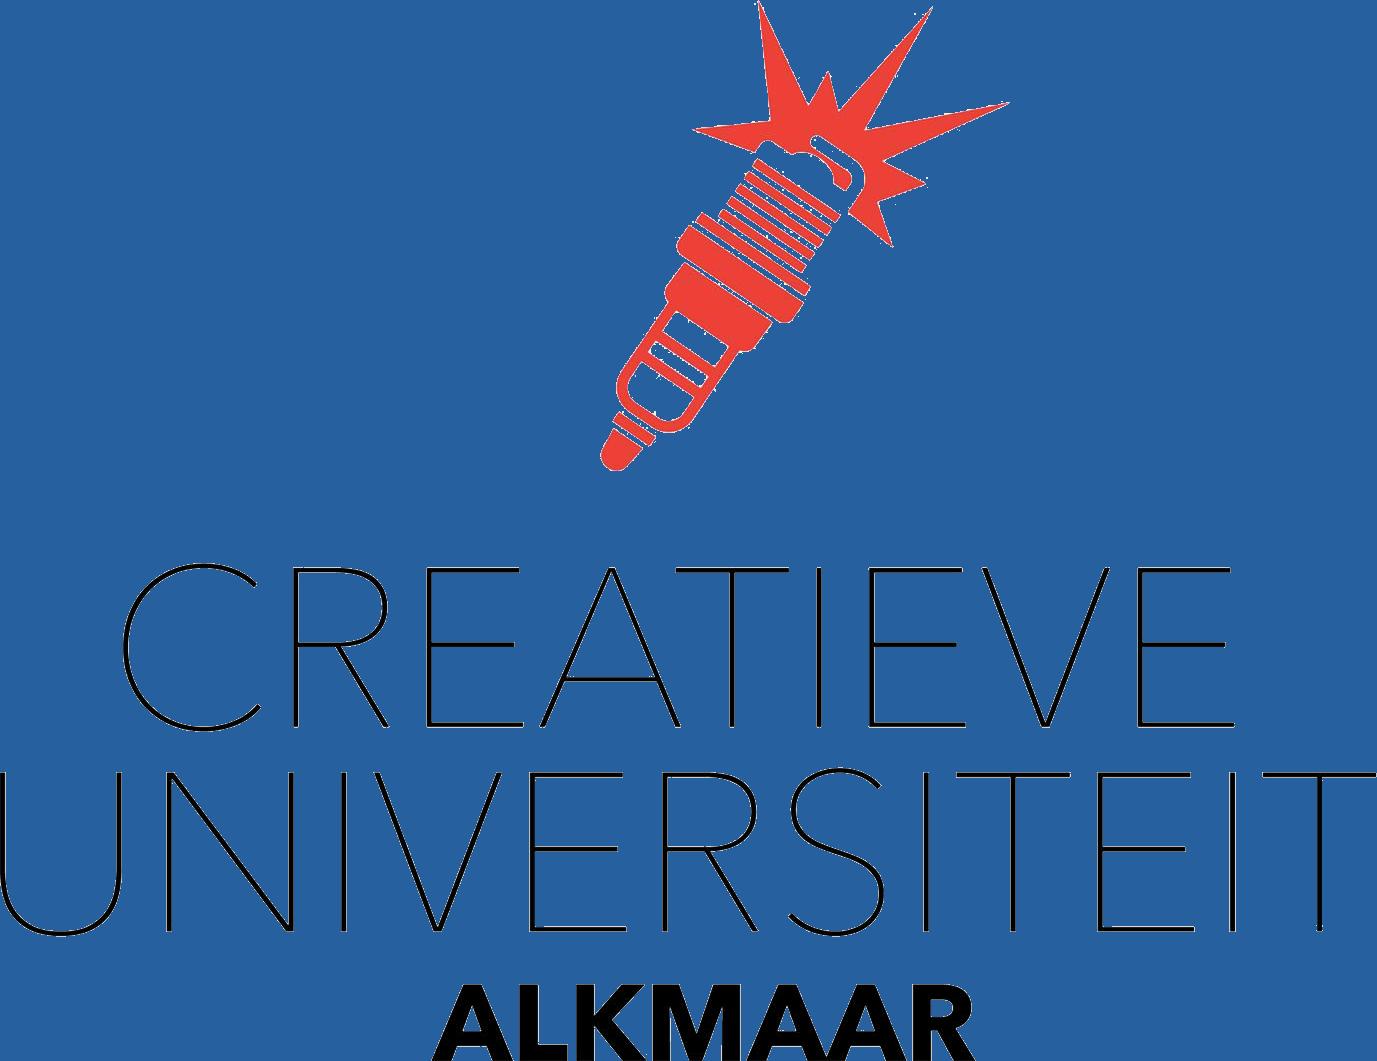 Creatieve Universiteit Alkmaar